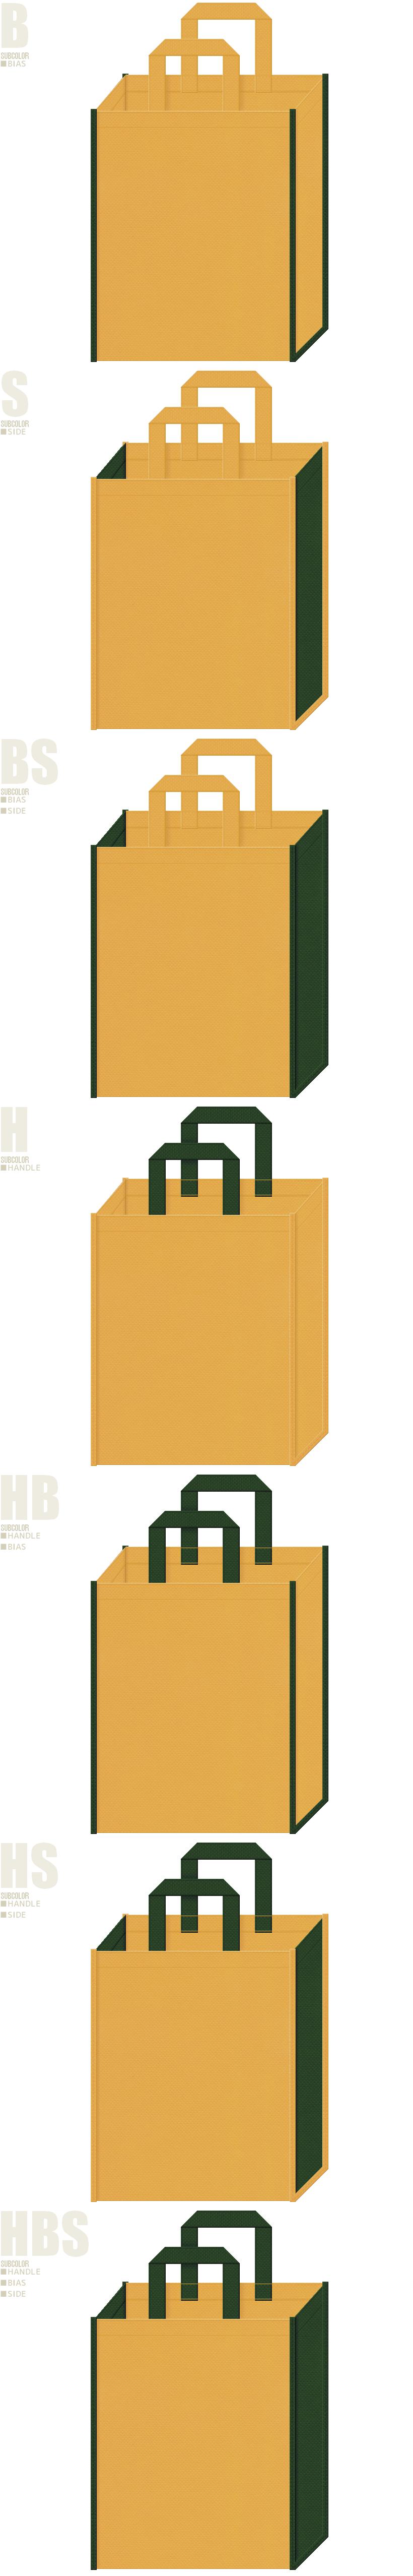 黄土色と濃緑色、7パターンの不織布トートバッグ配色デザイン例。キャンプ用品・野営イベントのバッグノベルティにお奨めです。